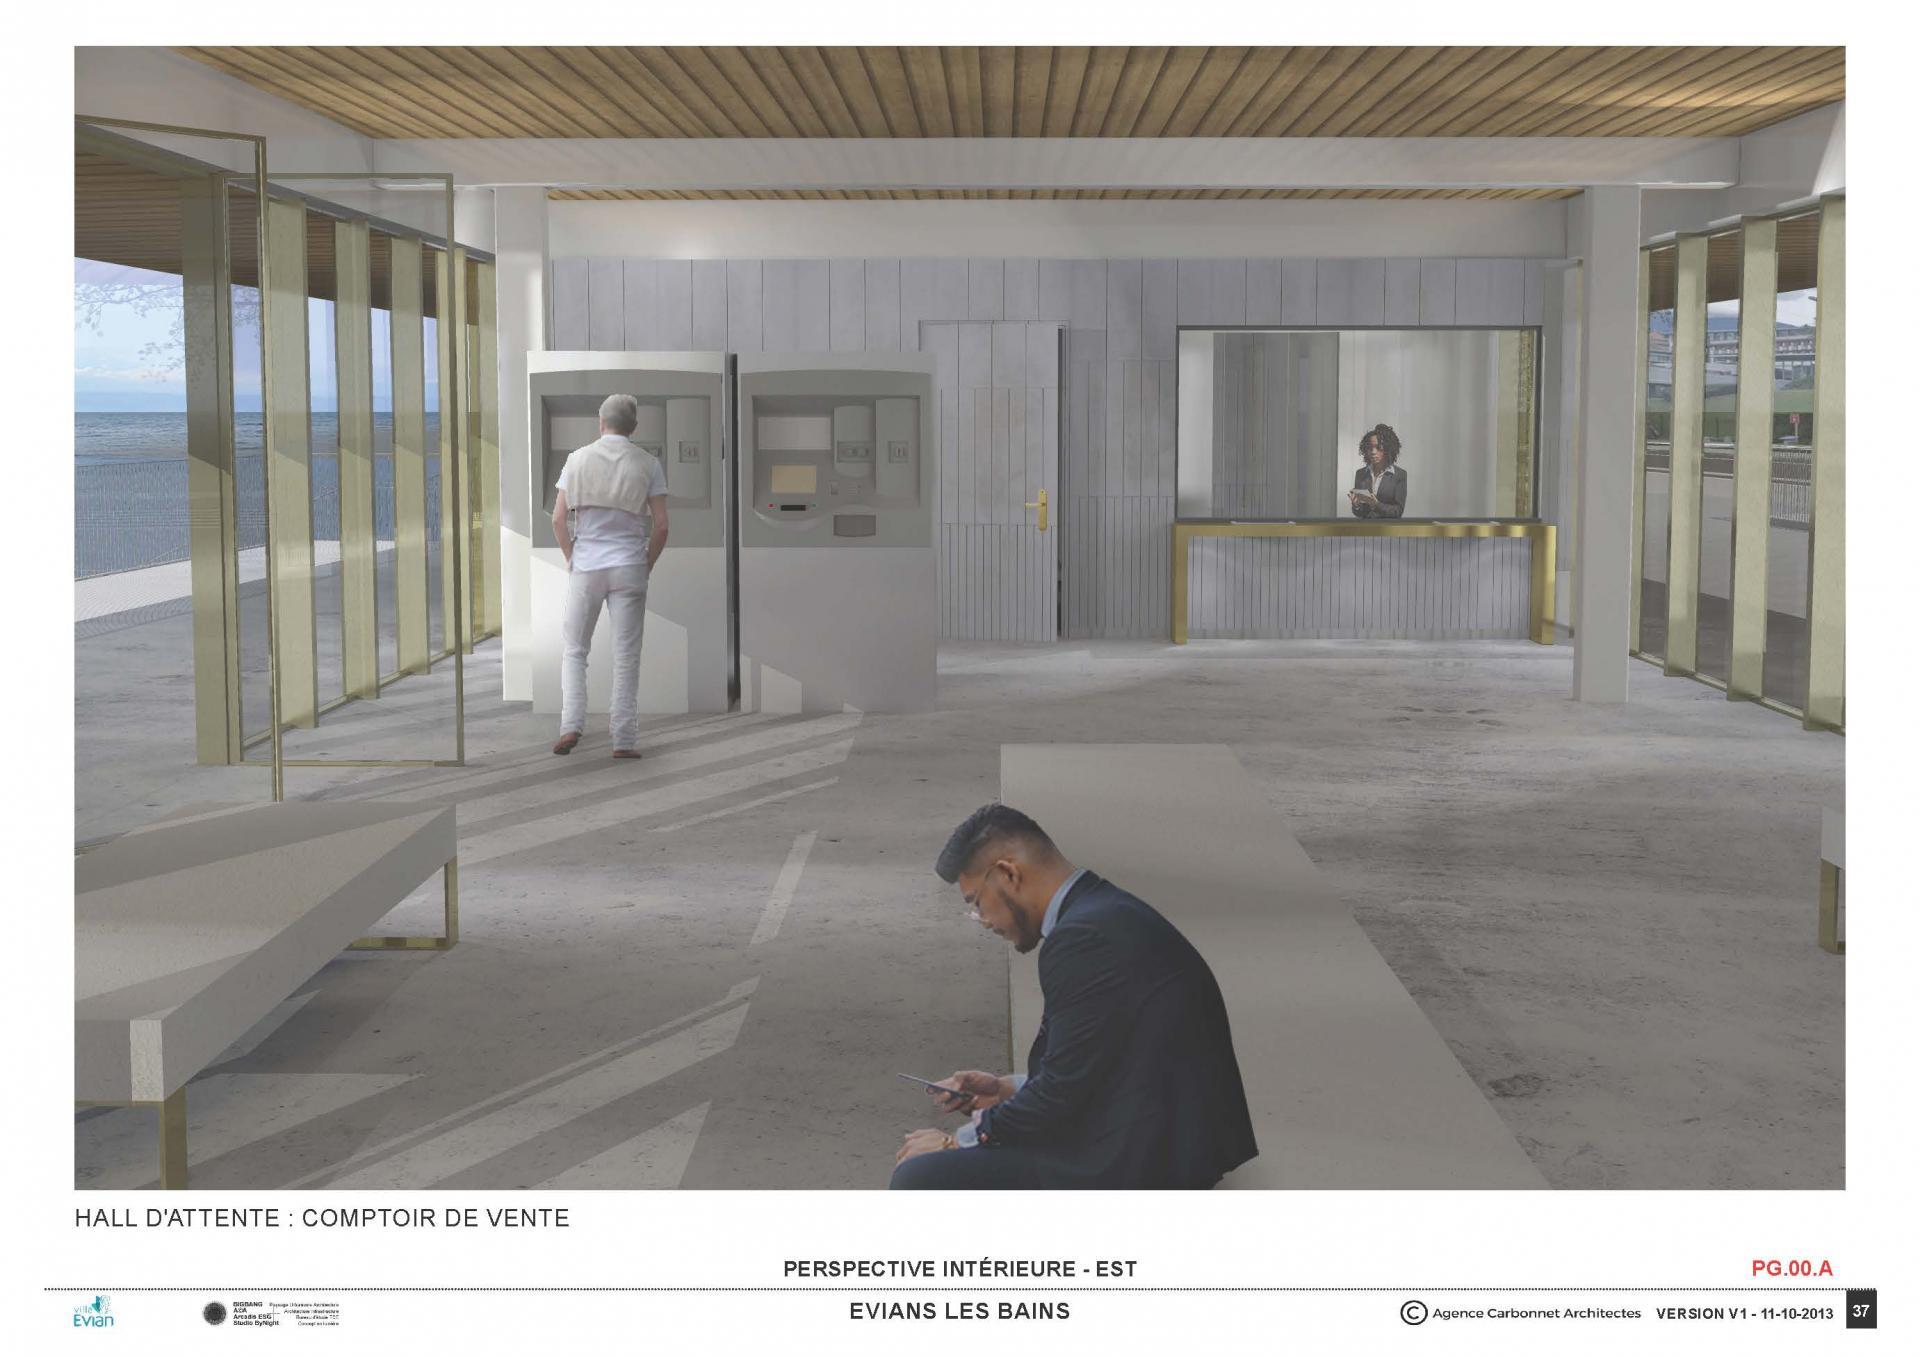 Gare lacustre evian int2 agence carbonnet architectes